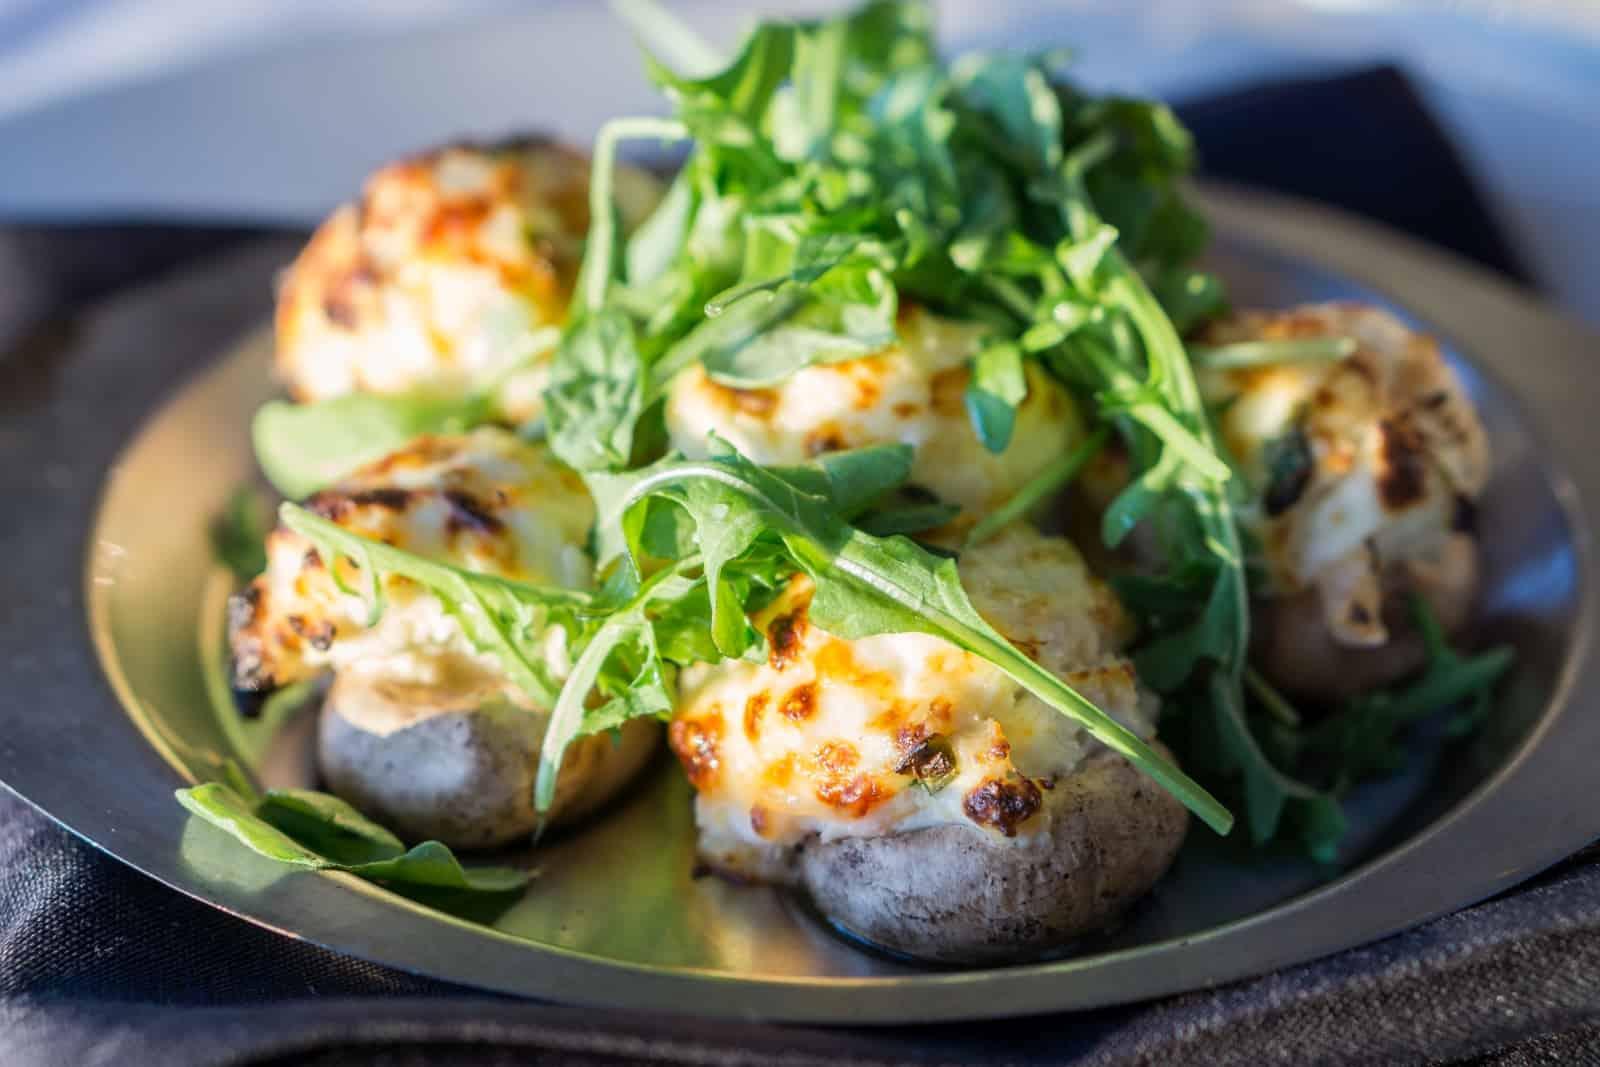 Teahouse Stuffed Mushrooms, mit Krabben, Shrimps und Frischkäse gefüllte Pilze. Was für eine Delikatesse. Foto